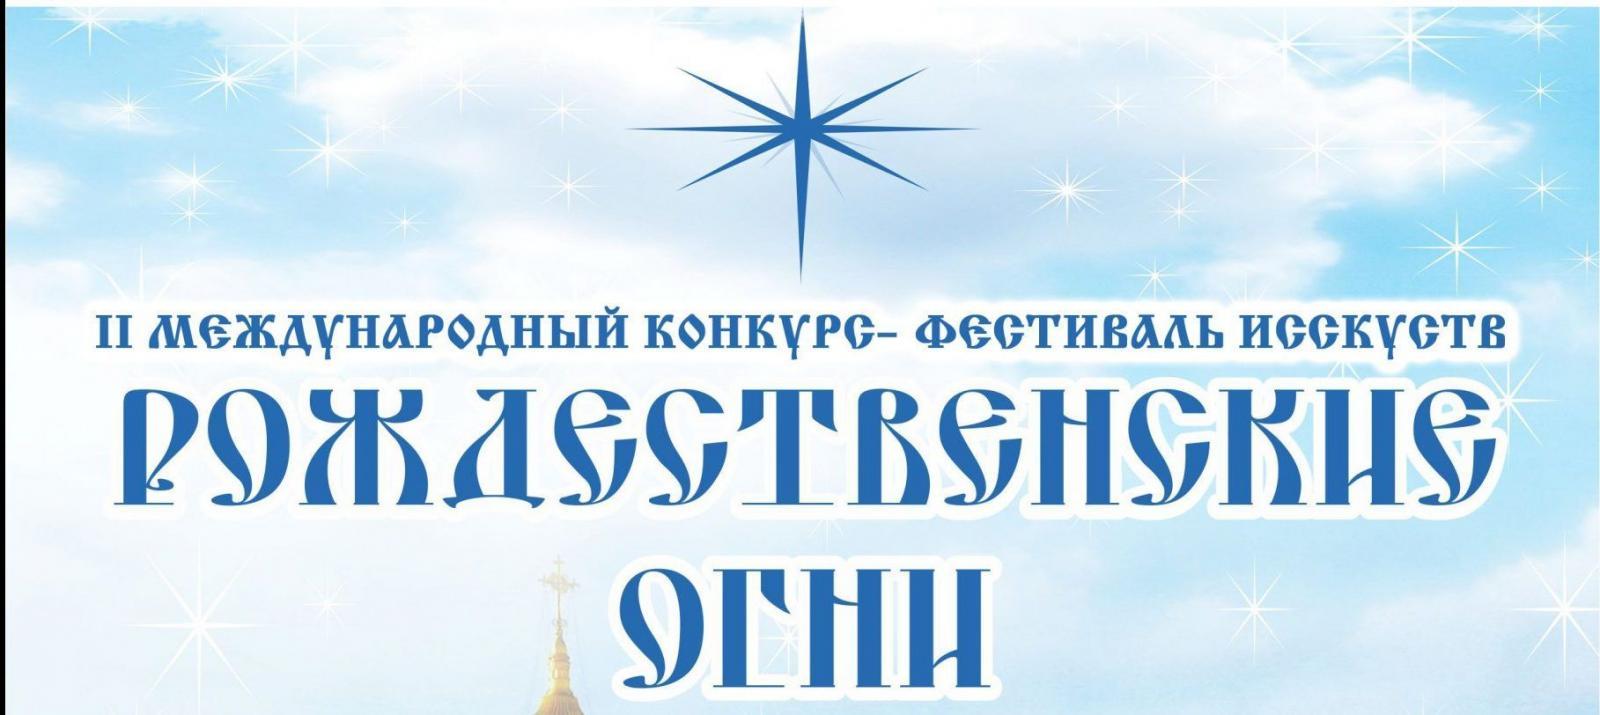 Начался прием заявок для участия во II Международном конкурсе — фестивале искусств «Рождественские огни»